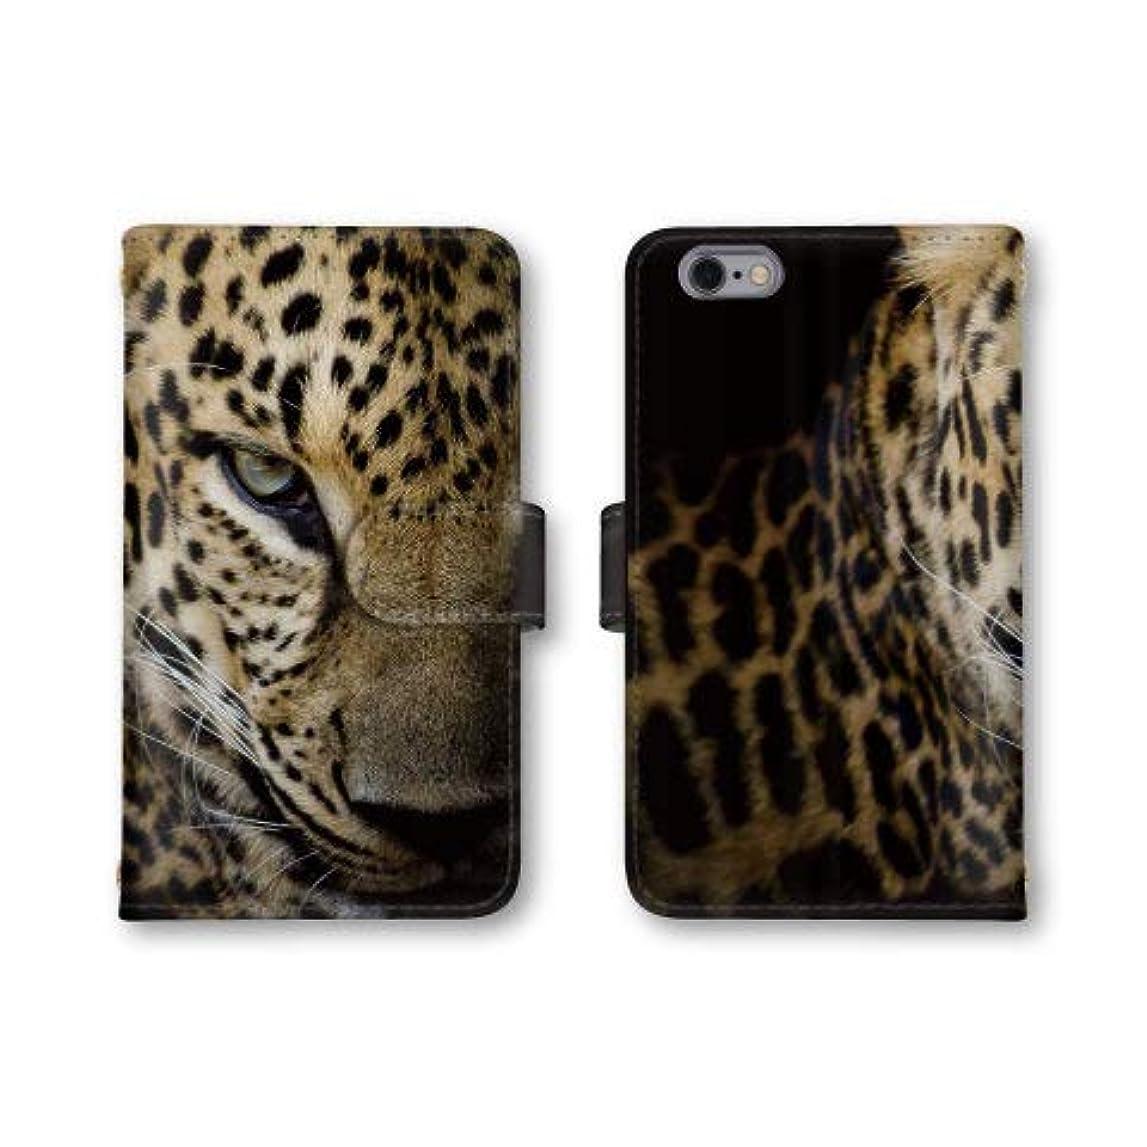 失礼ではごきげんよう火曜日ZenFone Go ZB551KL ケース スマホケース 手帳型 豹 ヒョウ レオパード スマホカバー 携帯カバー ゼンフォン ASUS